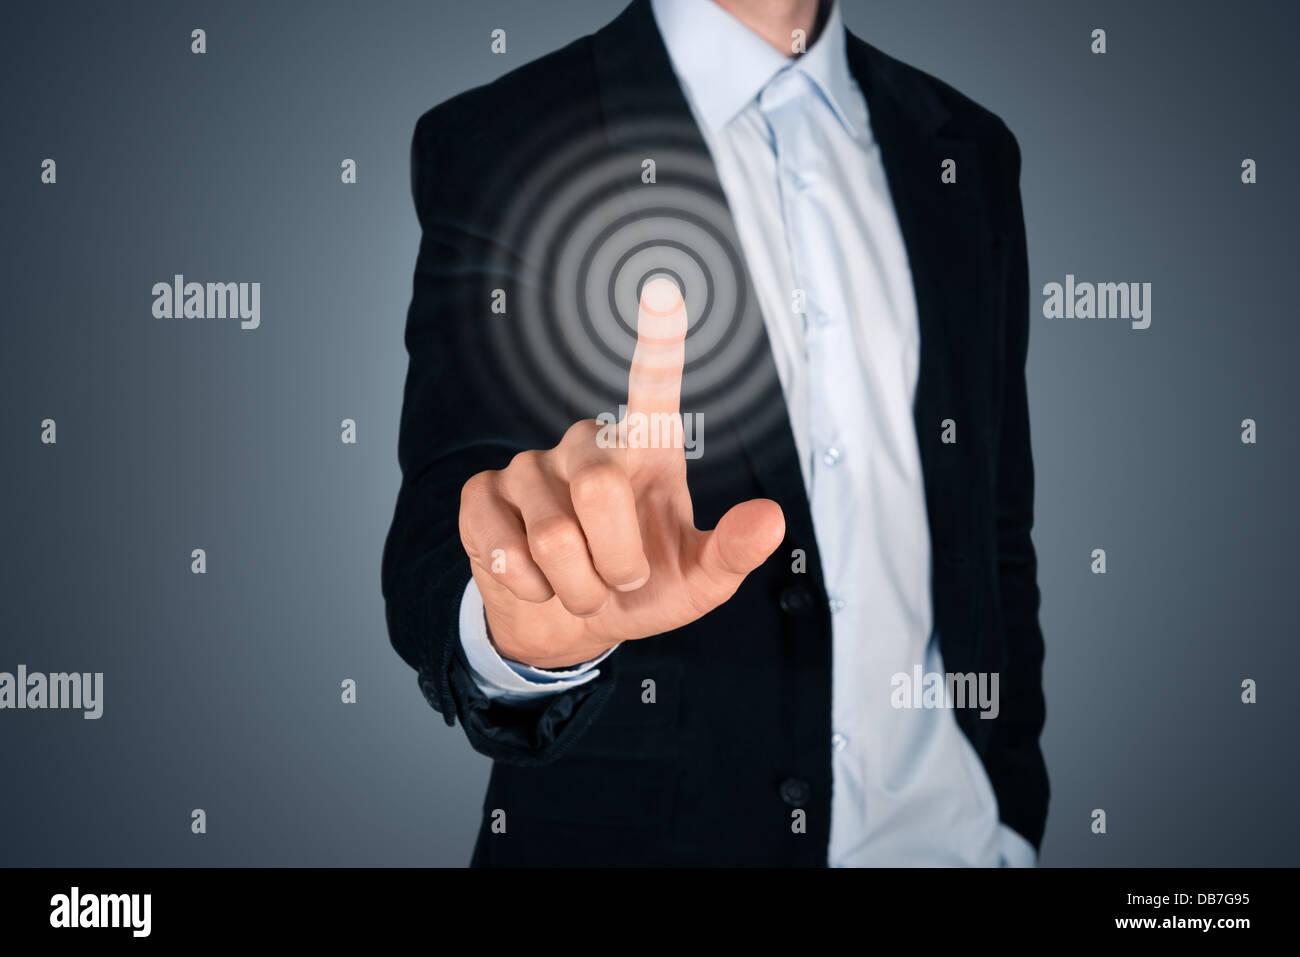 Ritratto di persona d'affari toccando il pulsante su schermo invisibile. Touch screen Concetto di immagine. Immagini Stock